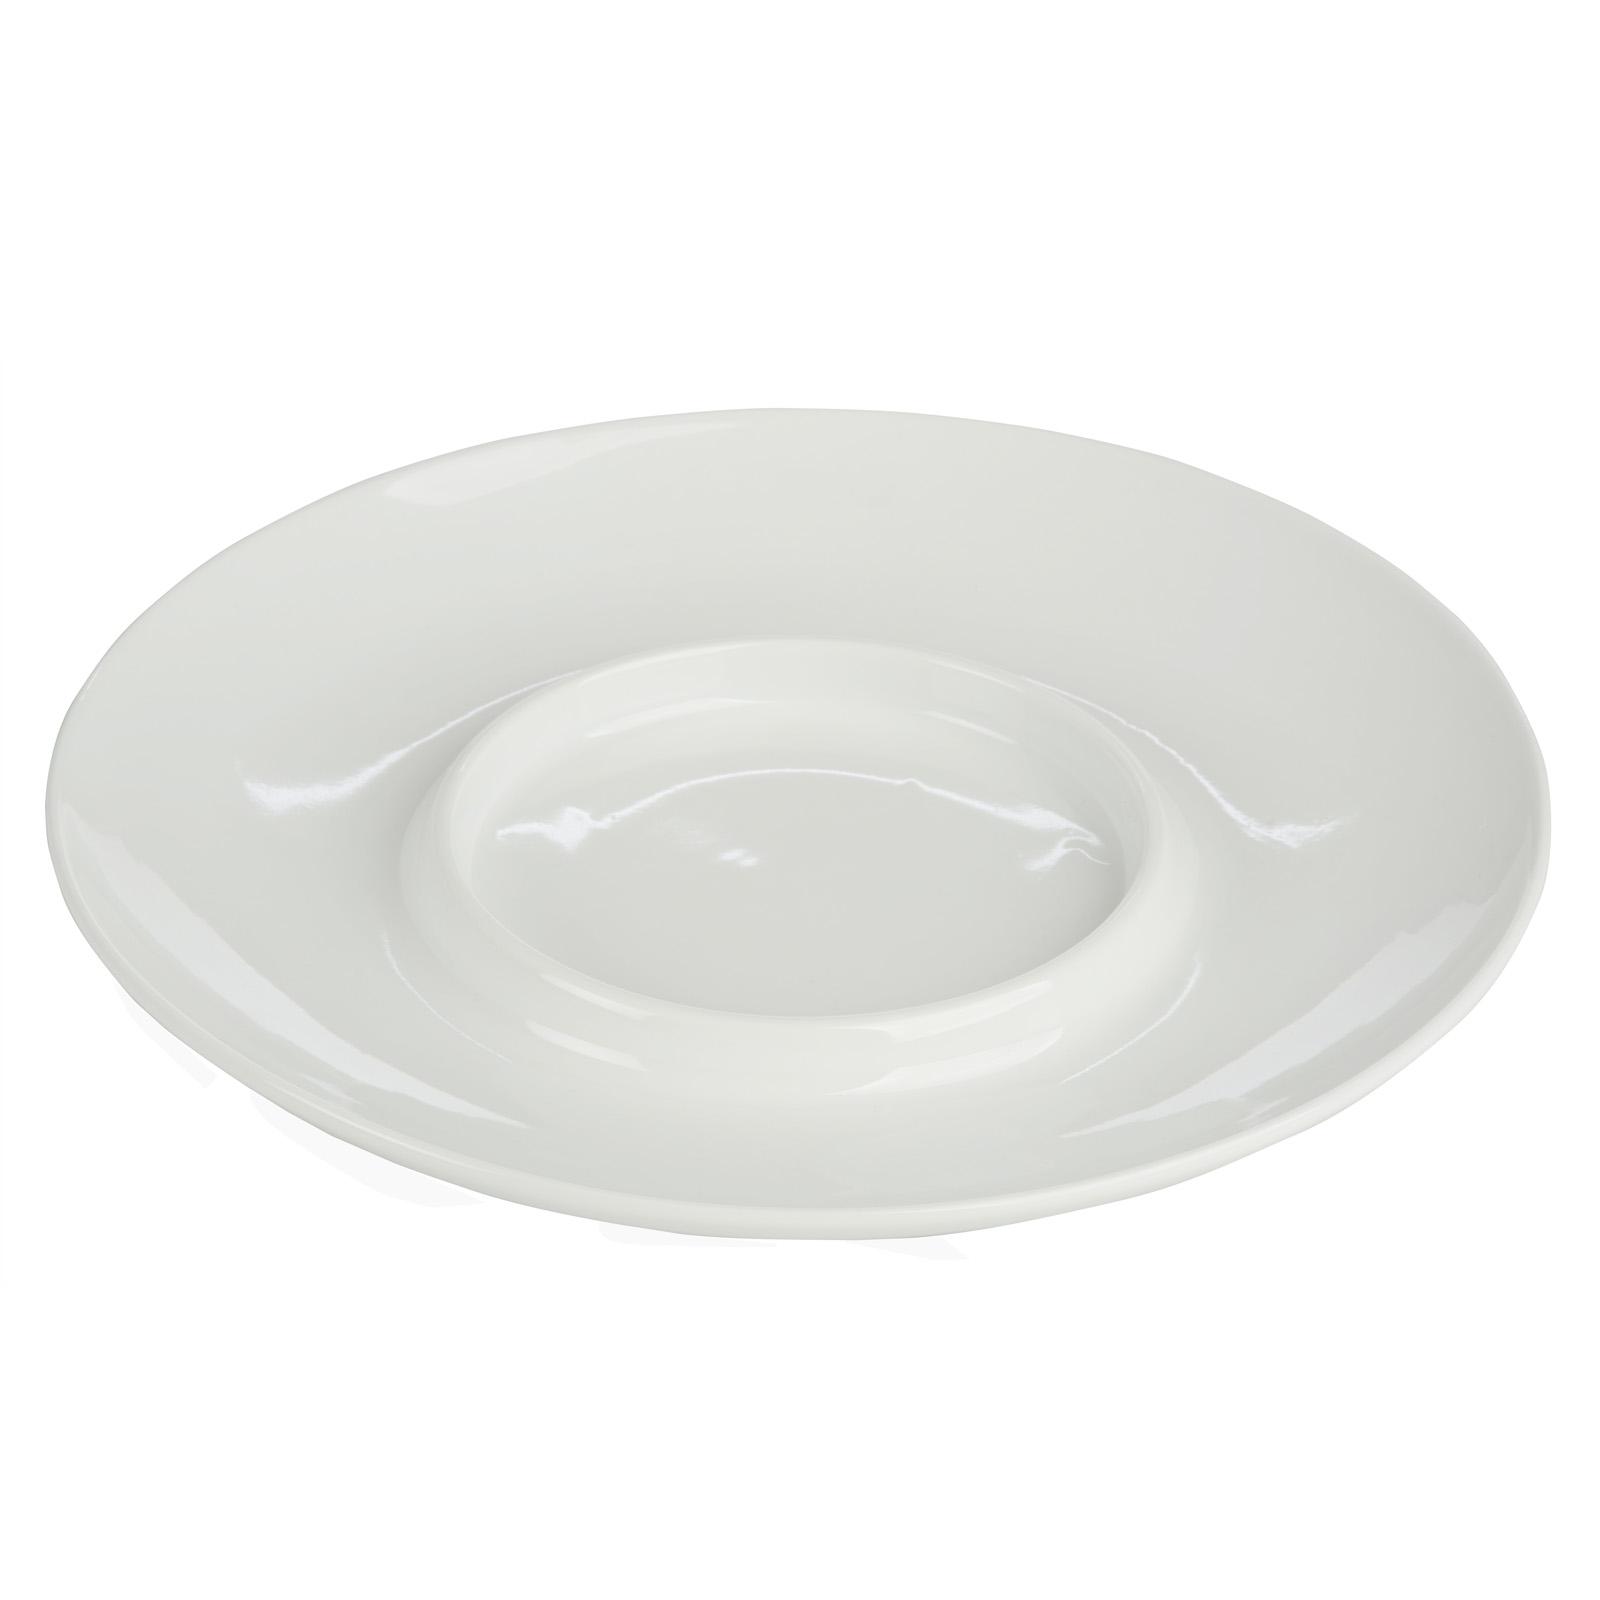 Camembert Baker Platter White by BIA